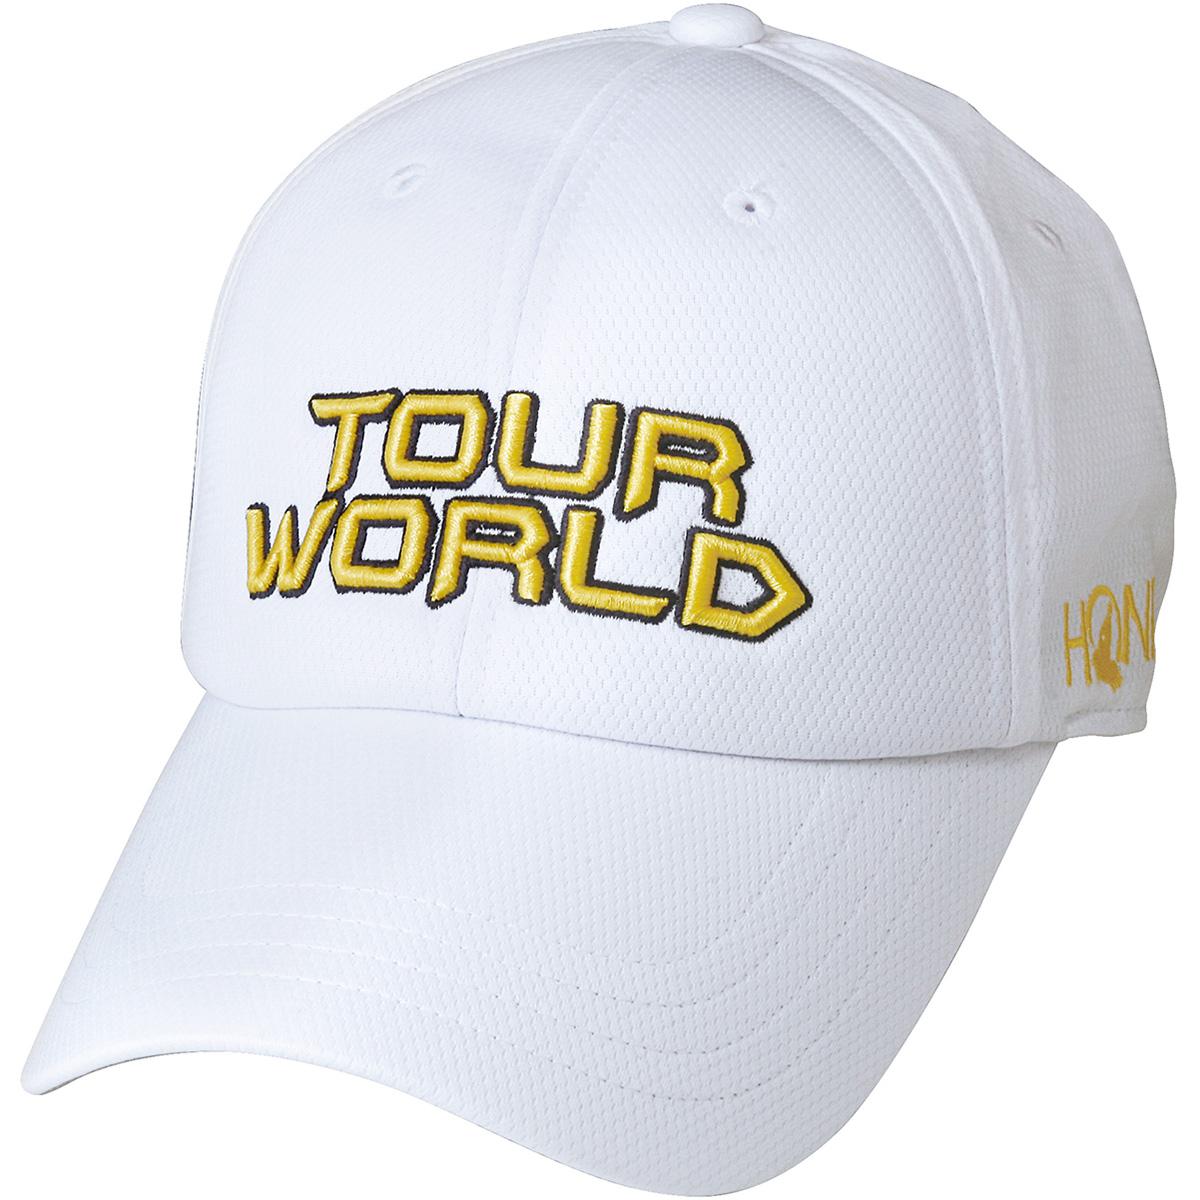 TOUR WORLDロゴキャップ